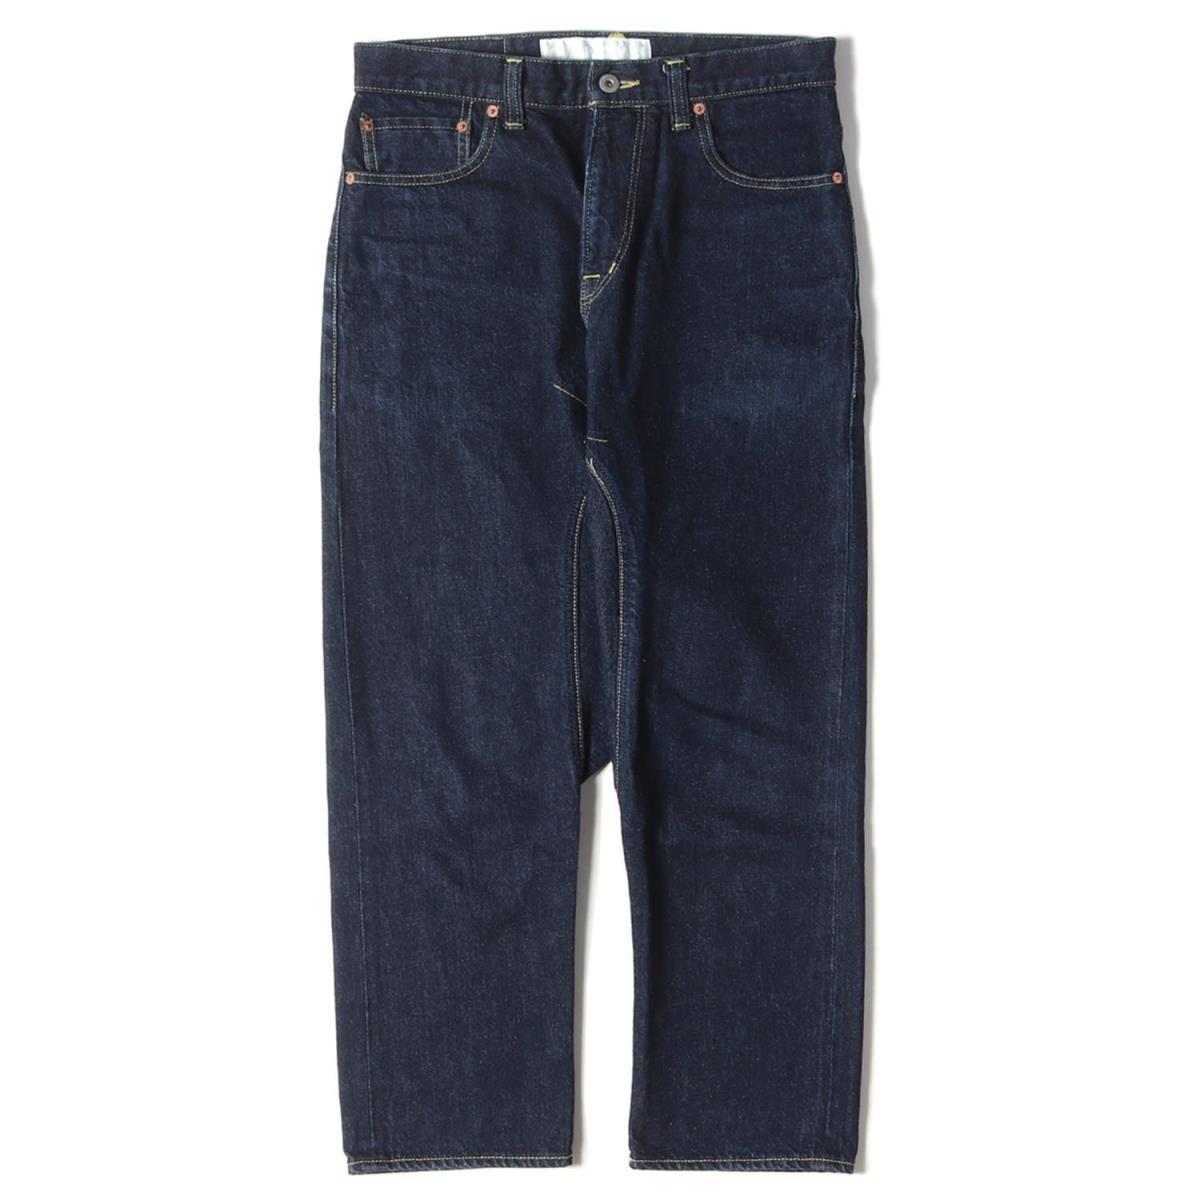 メンズファッション, ズボン・パンツ GANRYU COMME des GARCONS AD2015 S K2833